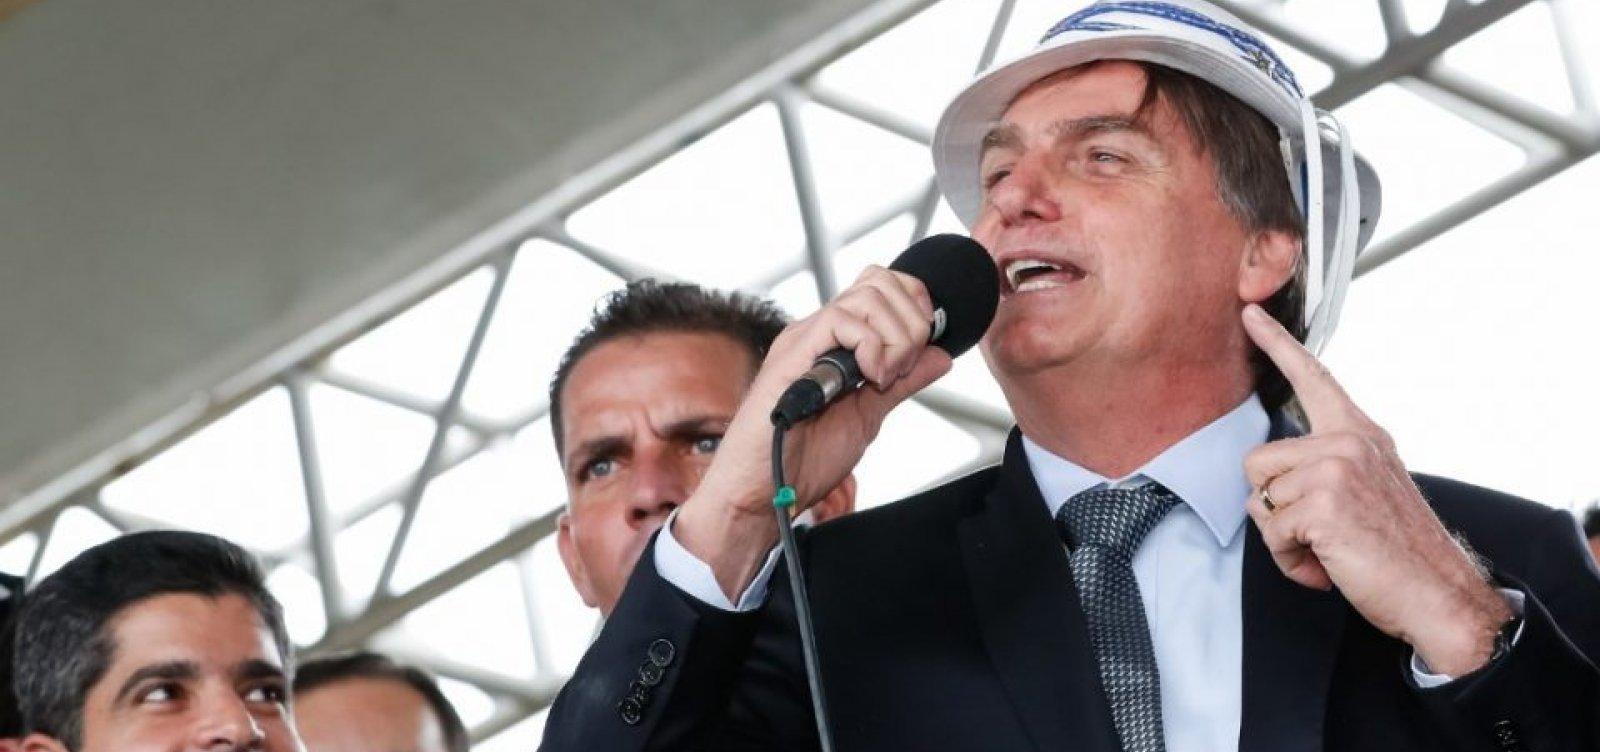 [Mesmo após acidente, Bolsonaro confirma viagem de réveillon para Bahia]